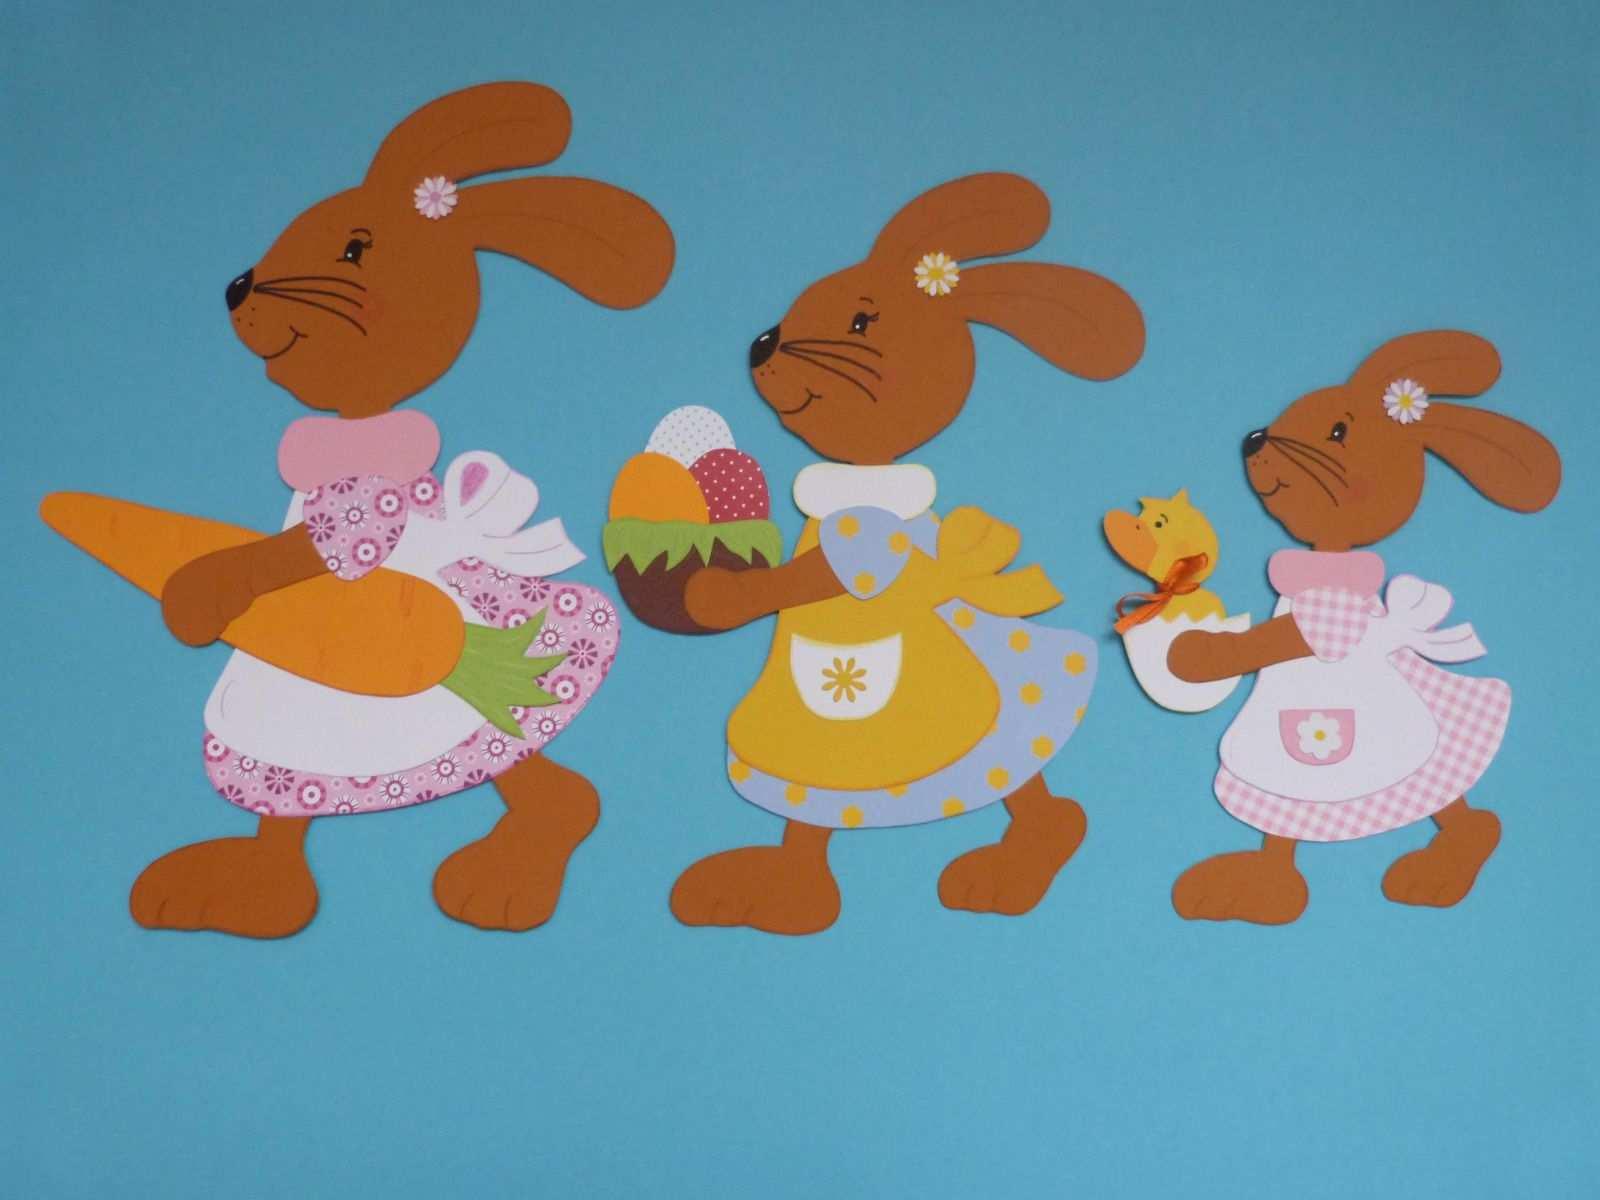 Fensterbilder Tonkarton Frau Hase Mit Ihren Tochtern 3 Tlg Basteln Fruhling Ostern Osterideen Fur Kinder Basteln Fruhling